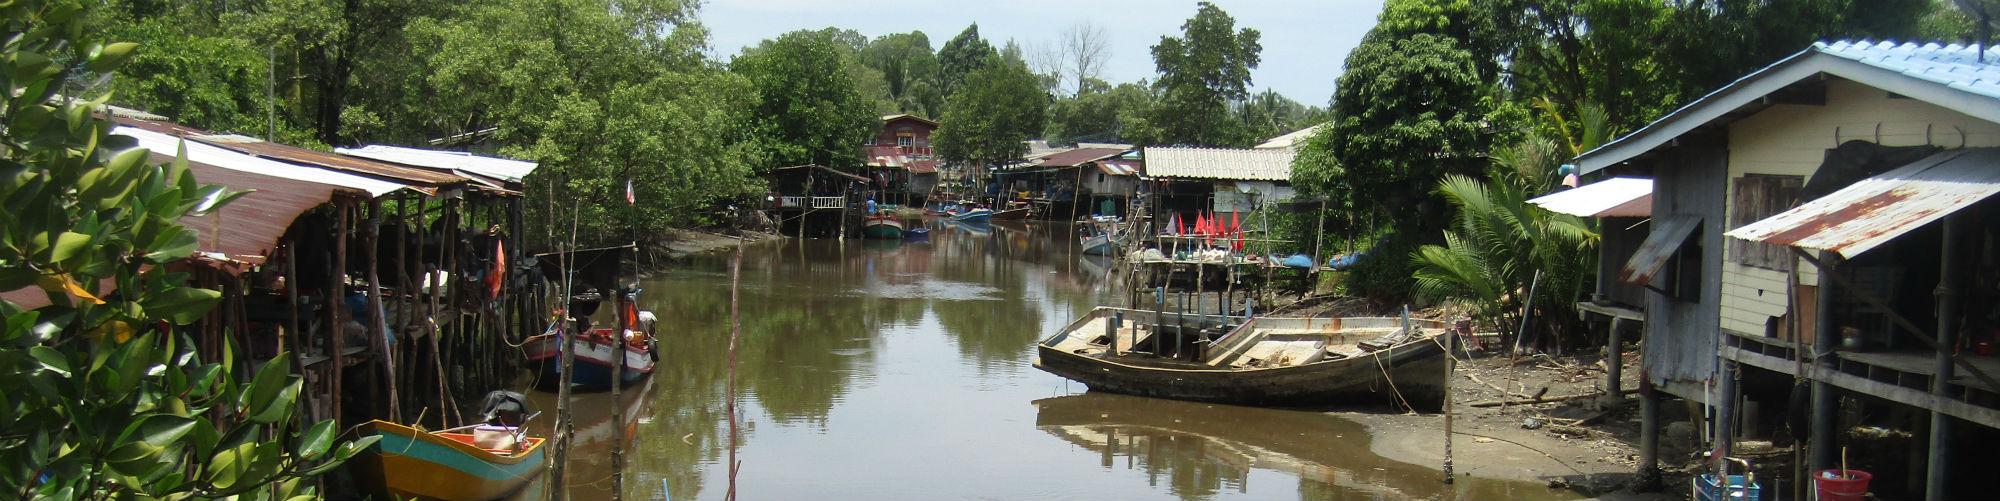 Mai Kut Village, Khlong Yai District, Trat Province